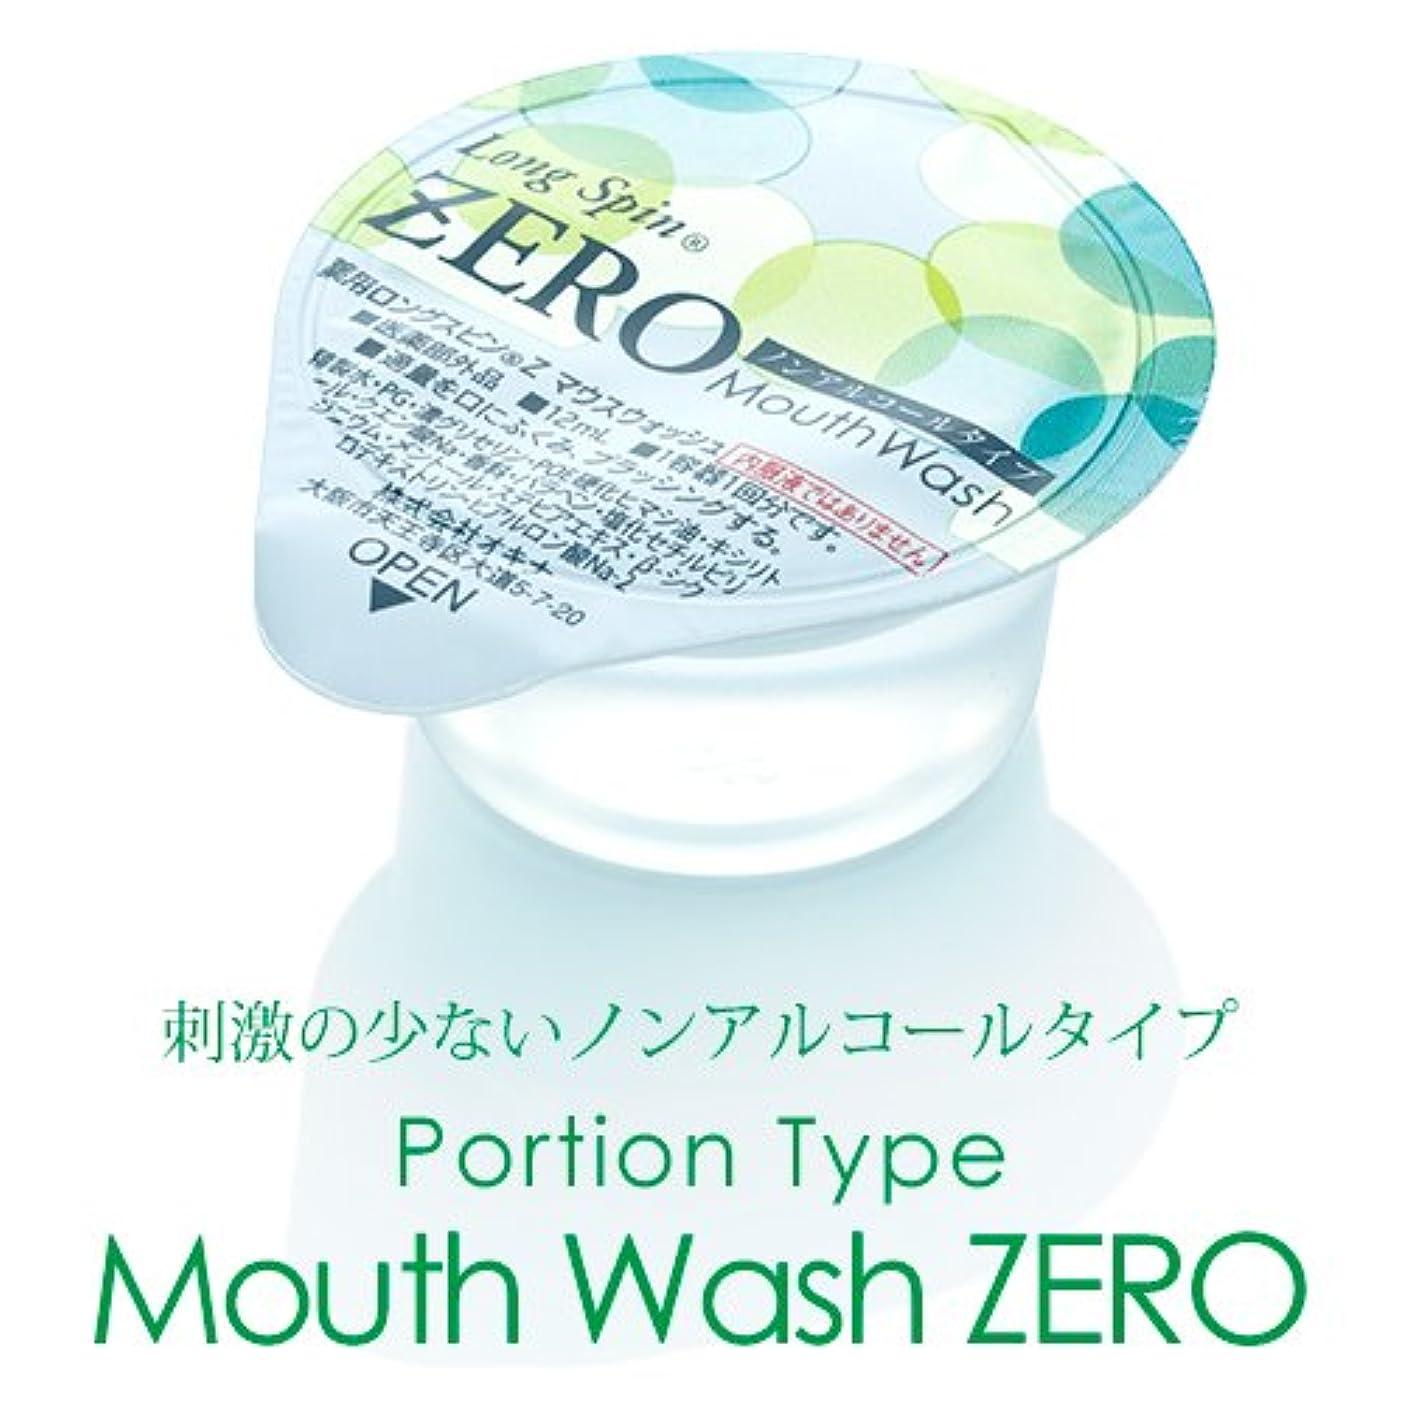 香水急流休暇薬用マウスウォッシュ Long Spin(ロングスピン) ZERO 1箱(100個) 【医薬部外品】